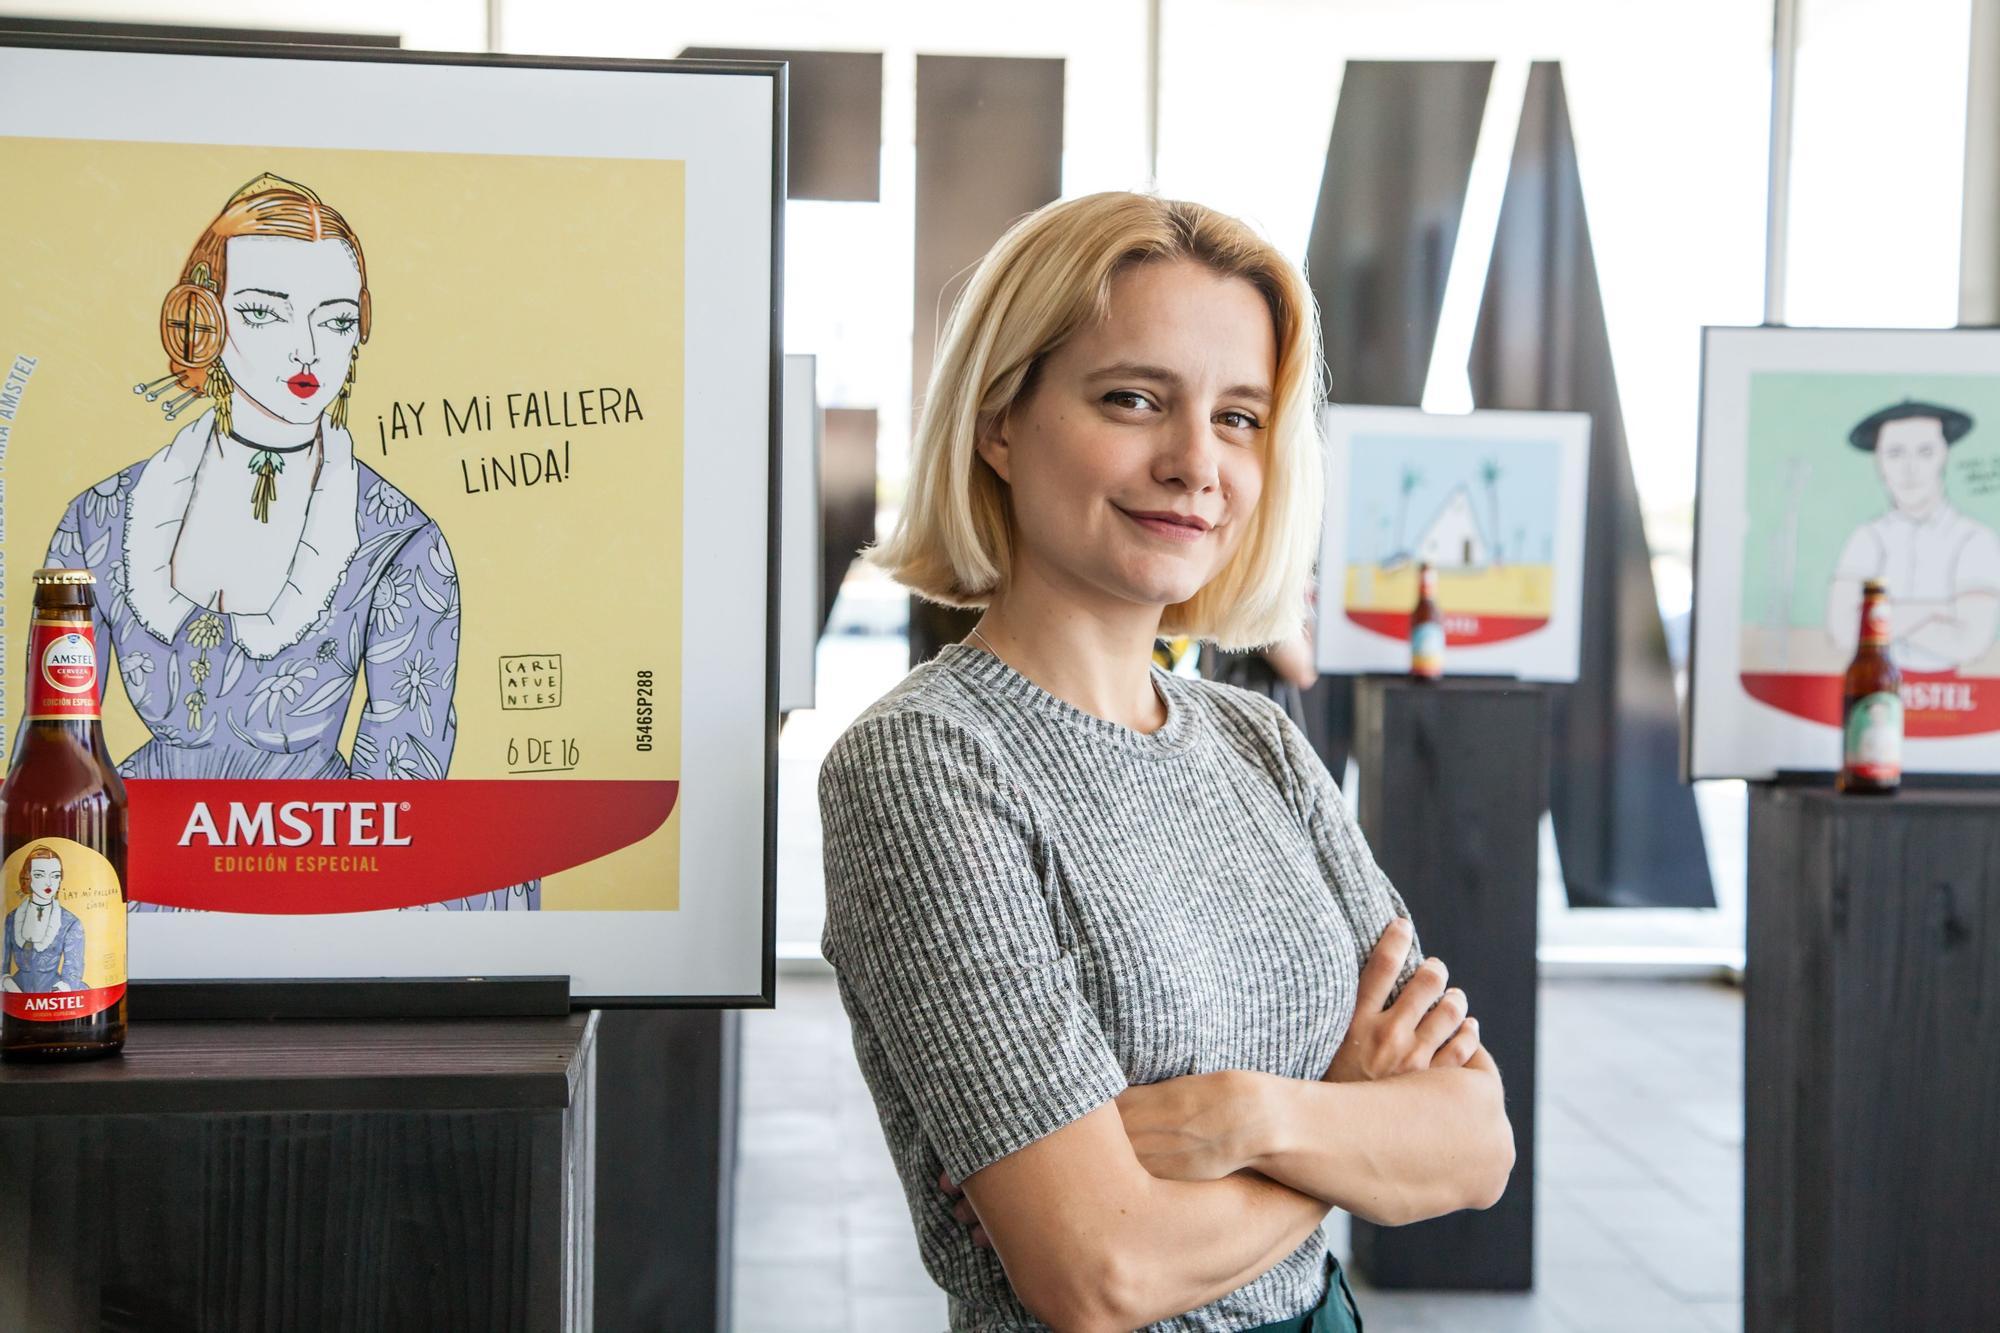 Talentos valencianos comparten con Amstel las fiestas navideñas